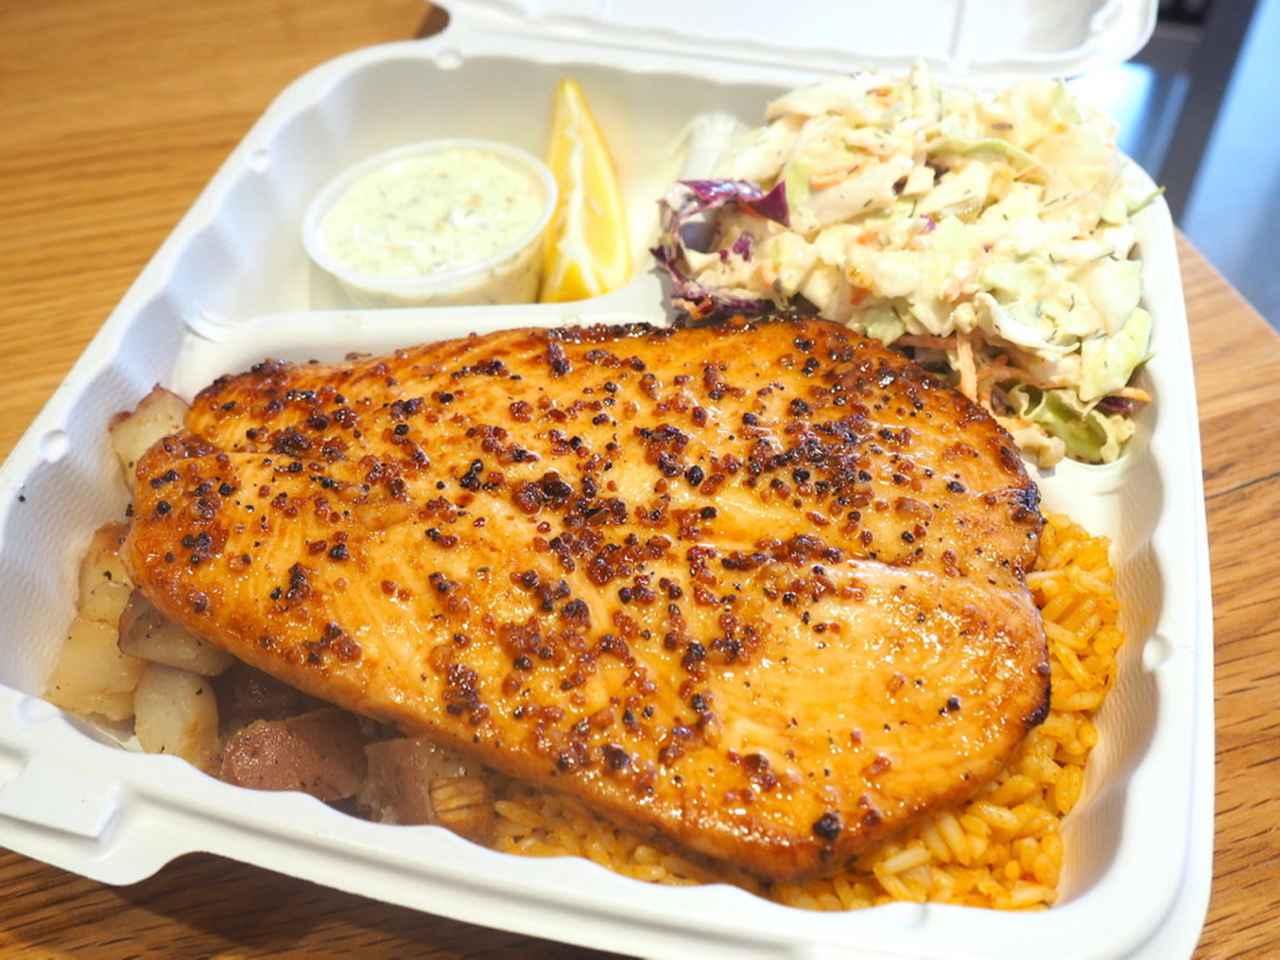 画像: パイア・フィッシュマーケット・ワイキキの「新鮮な魚のプレートランチ」。価格は時価